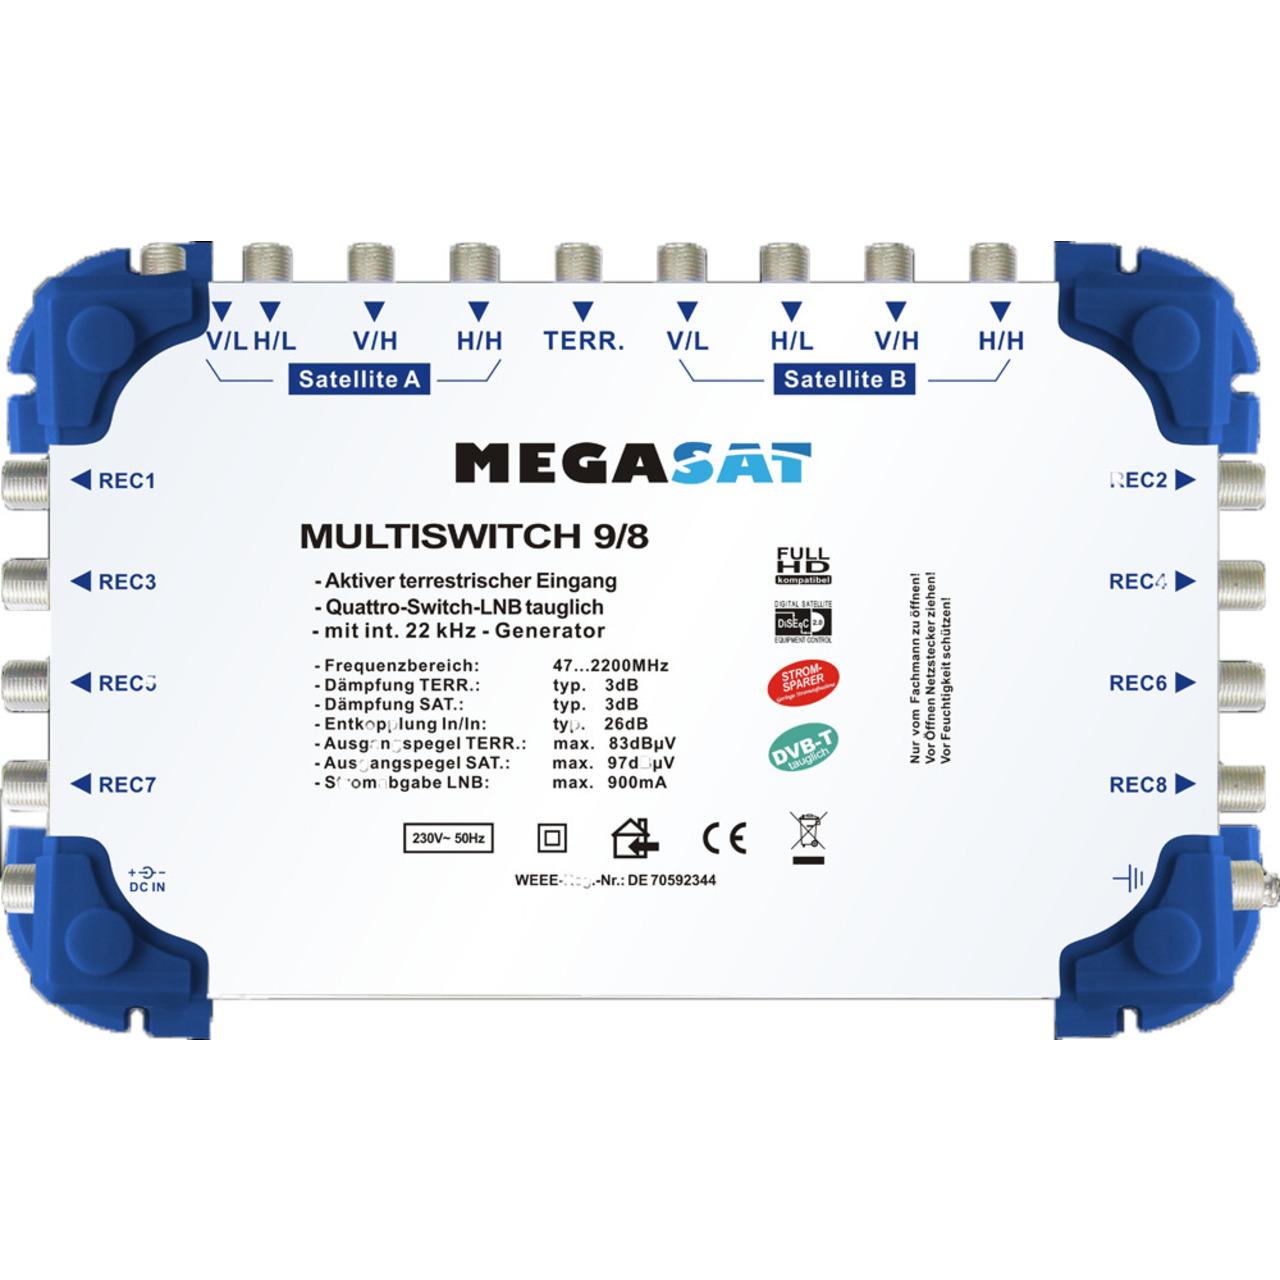 Megasat Multischalter 9-8- 2 Satelliten- 8 Teilnehmer